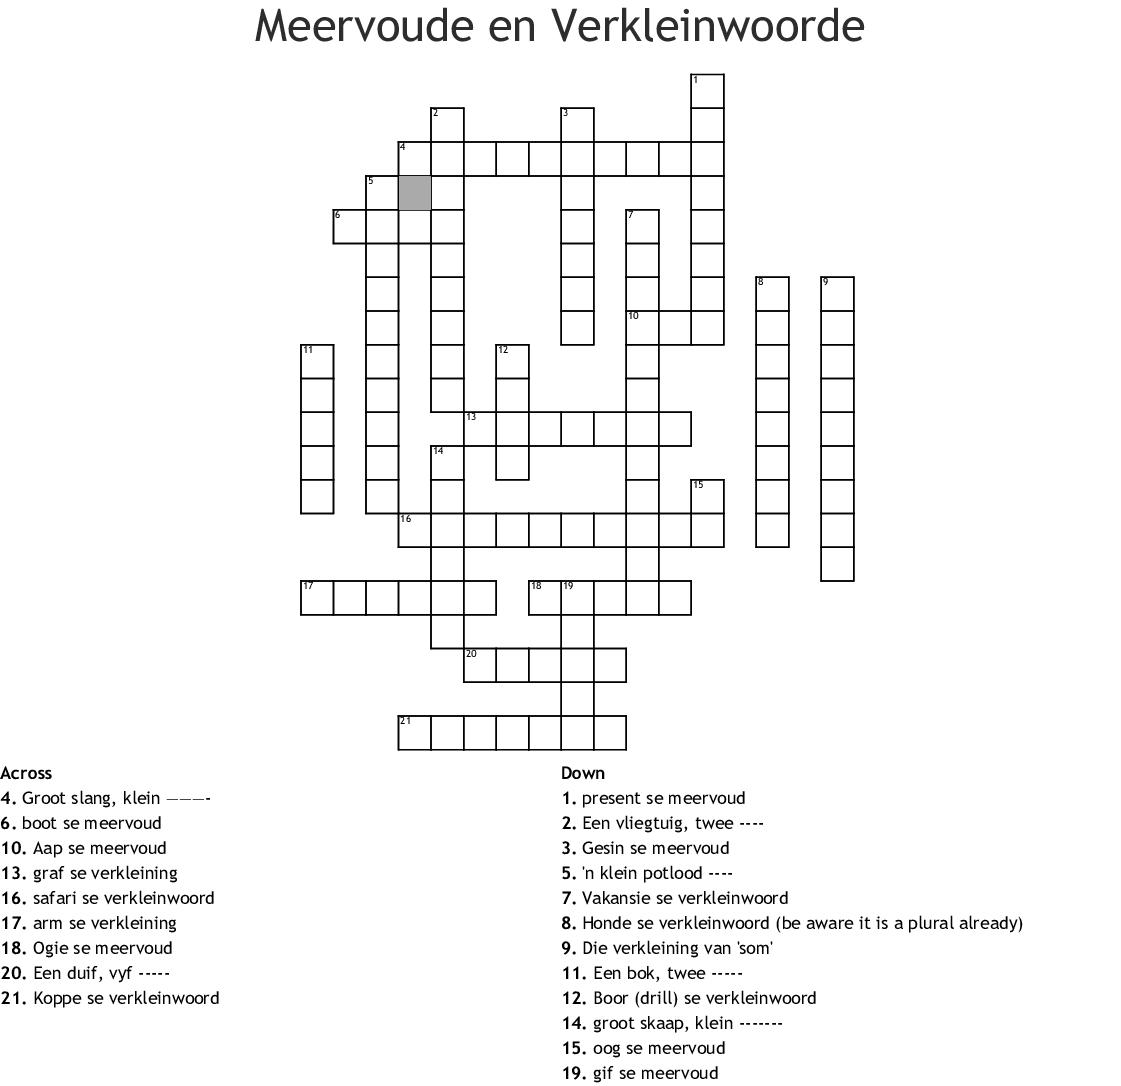 Meervoude En Verkleinwoorde Crossword